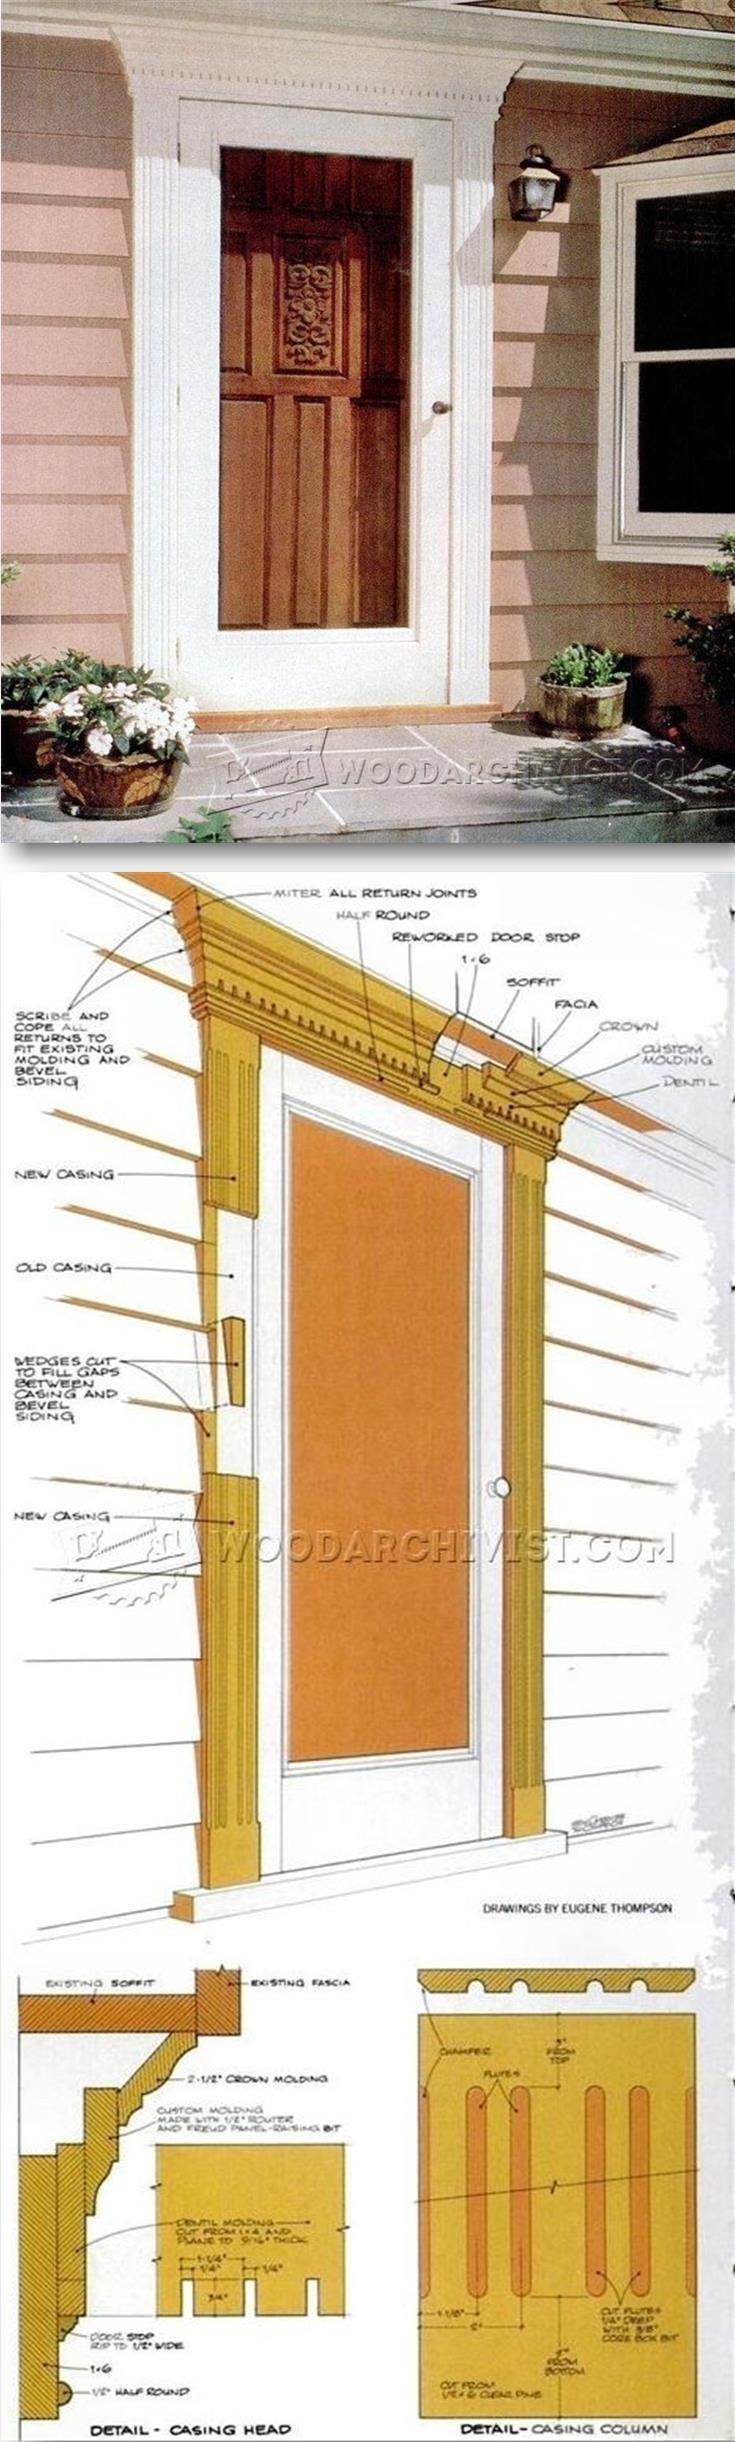 Front Door Trim - Door Construction and Techniques | WoodArchivist.com